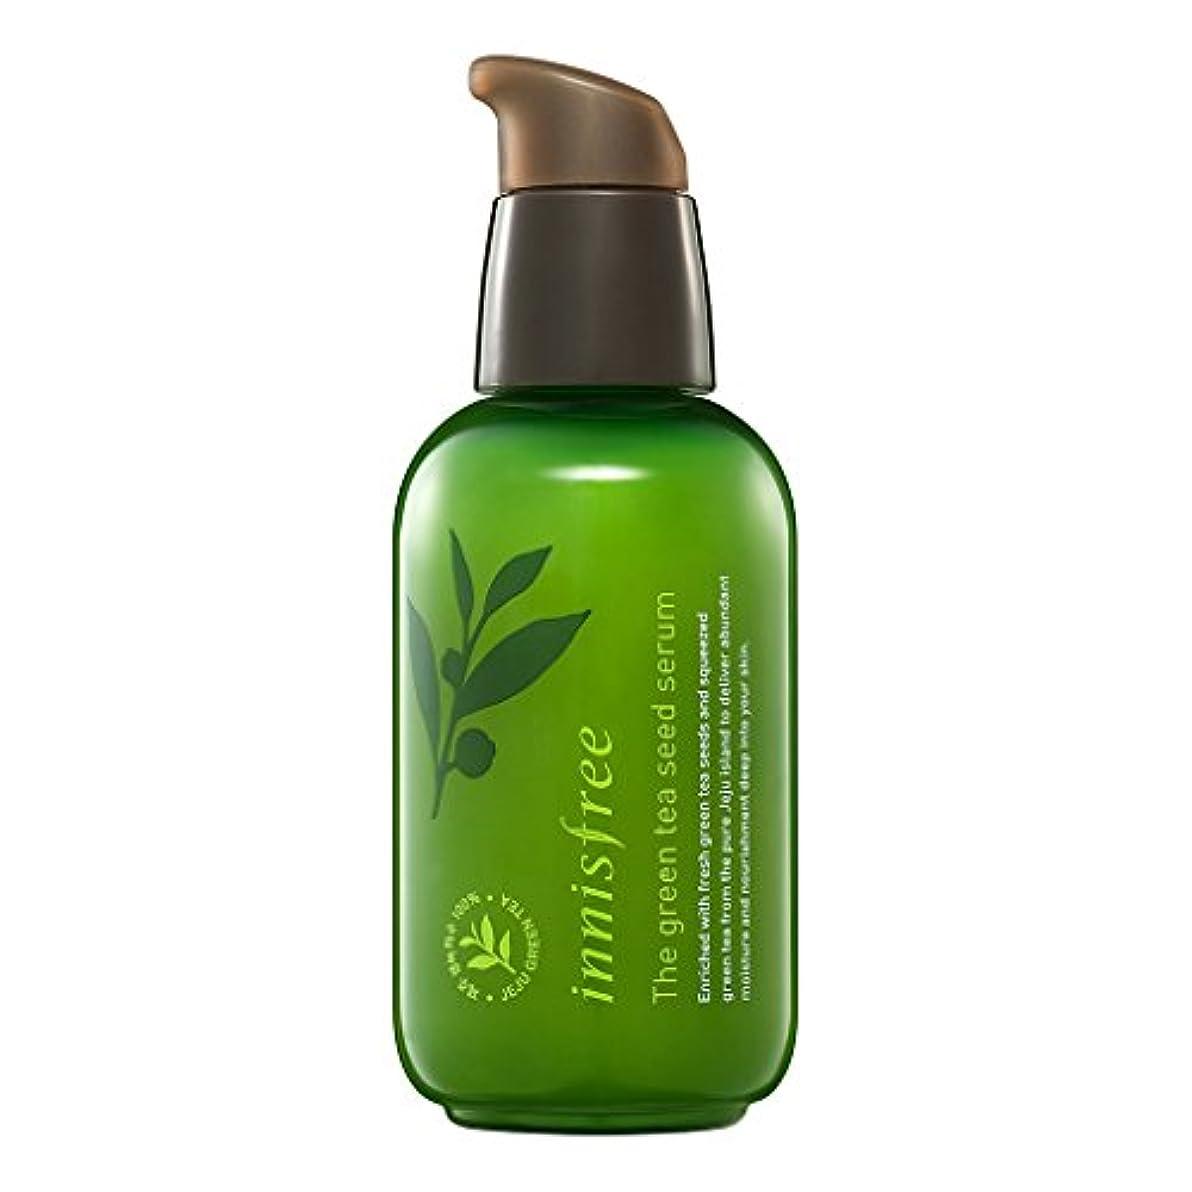 展開する熟したセンサーinnisfree(イニスフリー) The green tea seed serum グリーンティー シード セラム